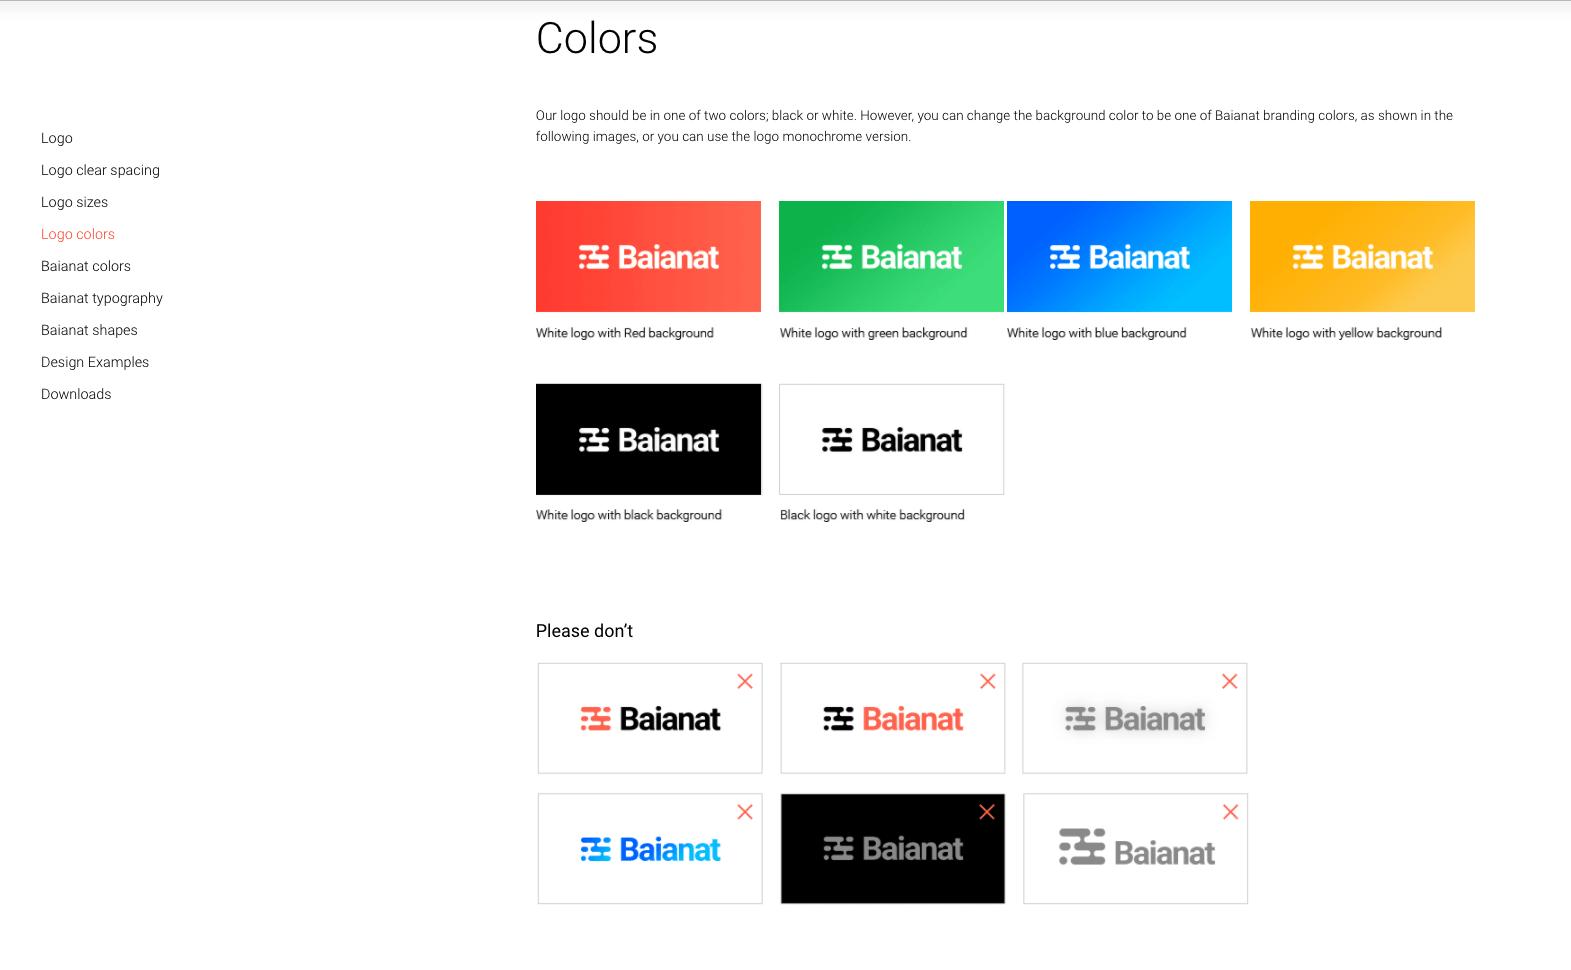 Baianat colors